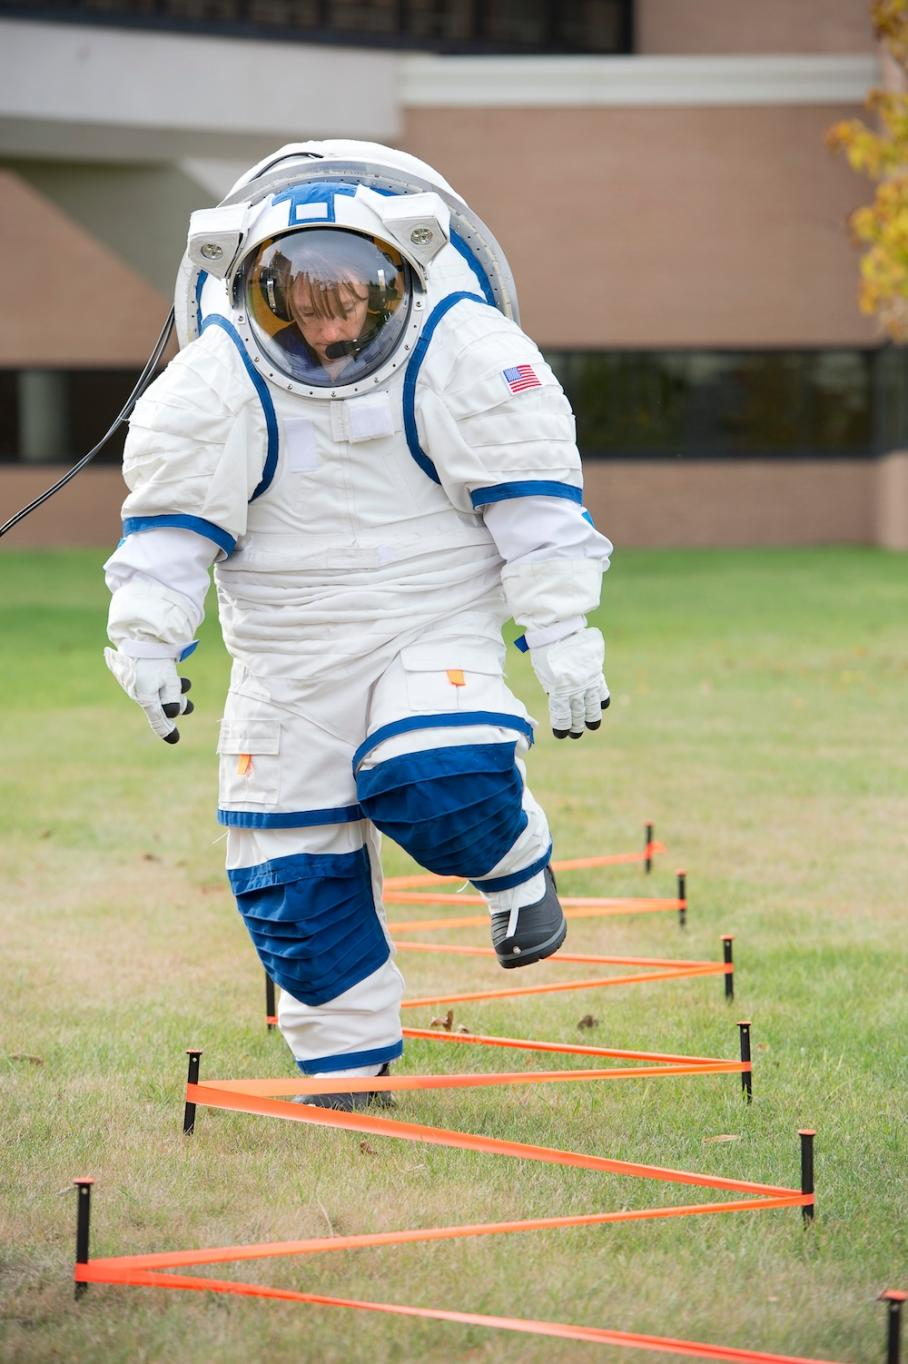 North Dakota Üniversitesi'nde NDX 2 uzay giysisinin test edilmesi. Pablo de León/Tiffany Swarmer/UND Aerospace Network